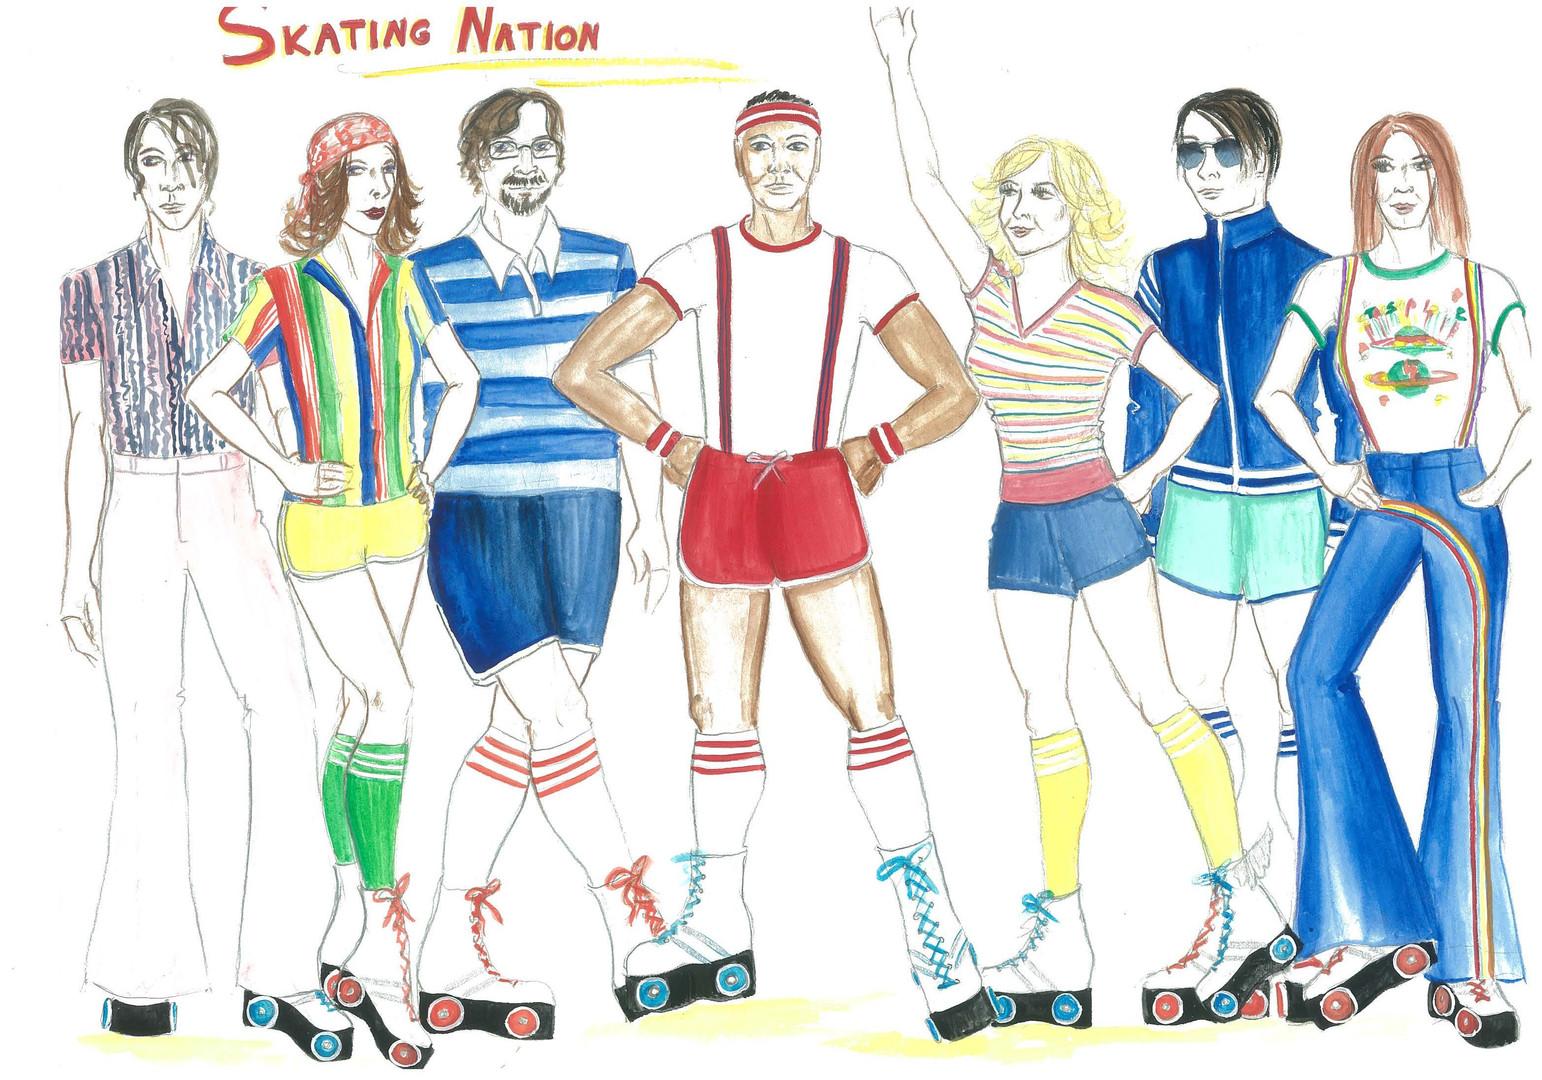 Skating Nation